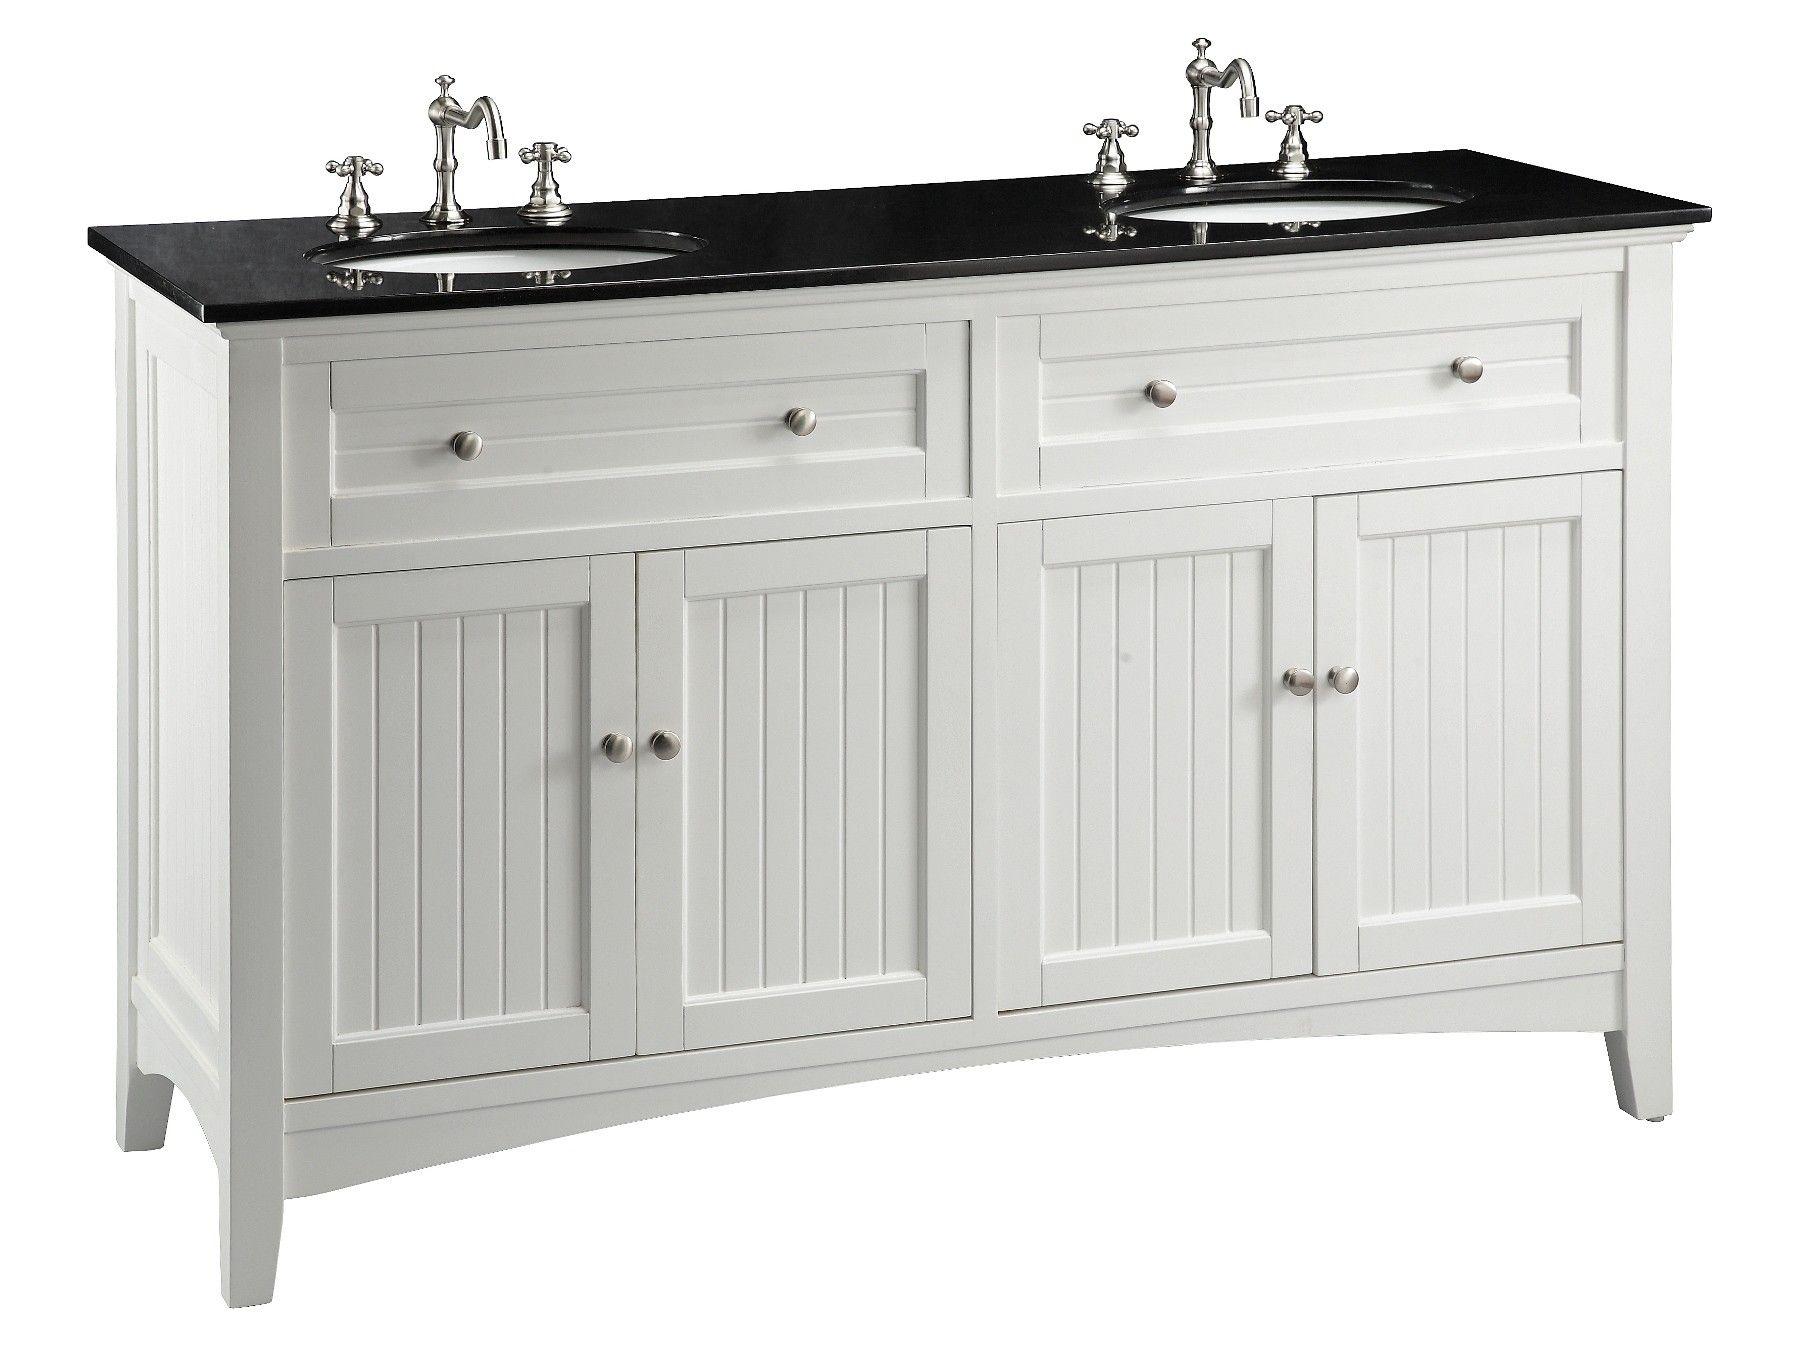 Image Gallery Website  Cottage Style Thomasville Bathroom Sink vanity Model so nice